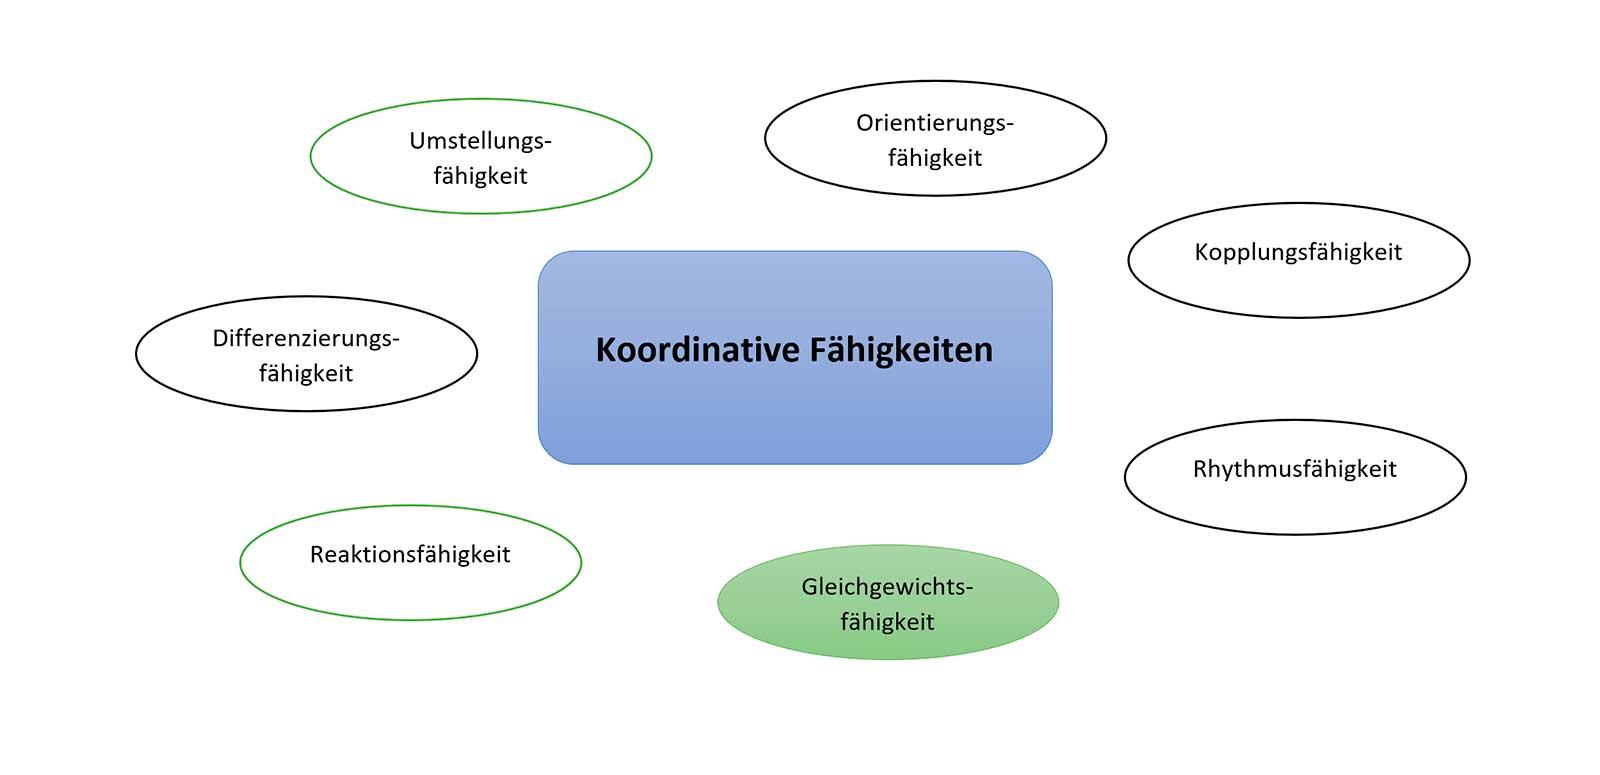 Die Gleichgewichtsfähigkeit - 1 von 7 koordinative Fähigkeiten